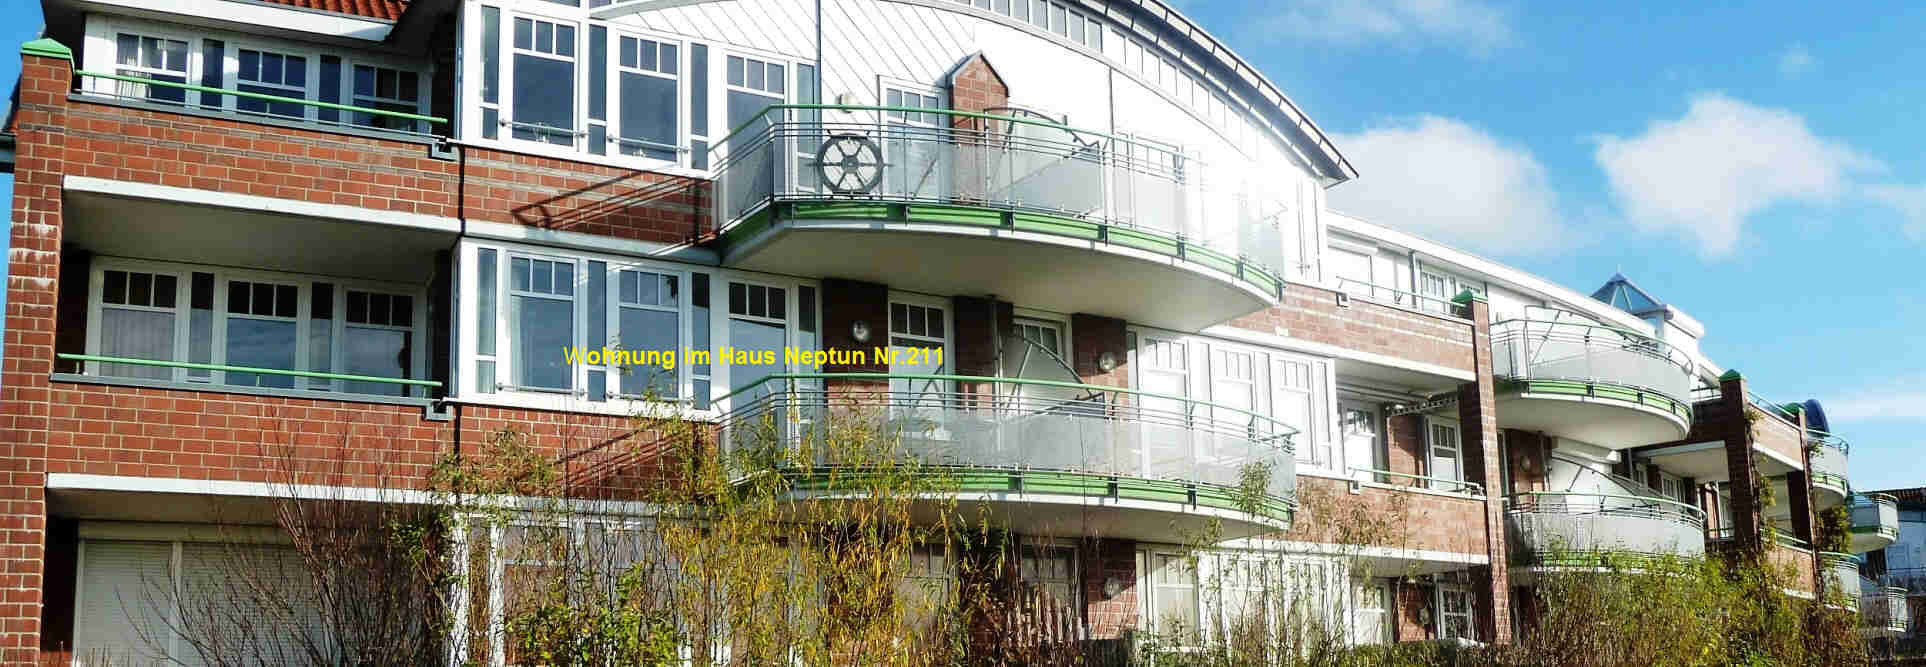 Haus Neptun Dorum-Neufeld